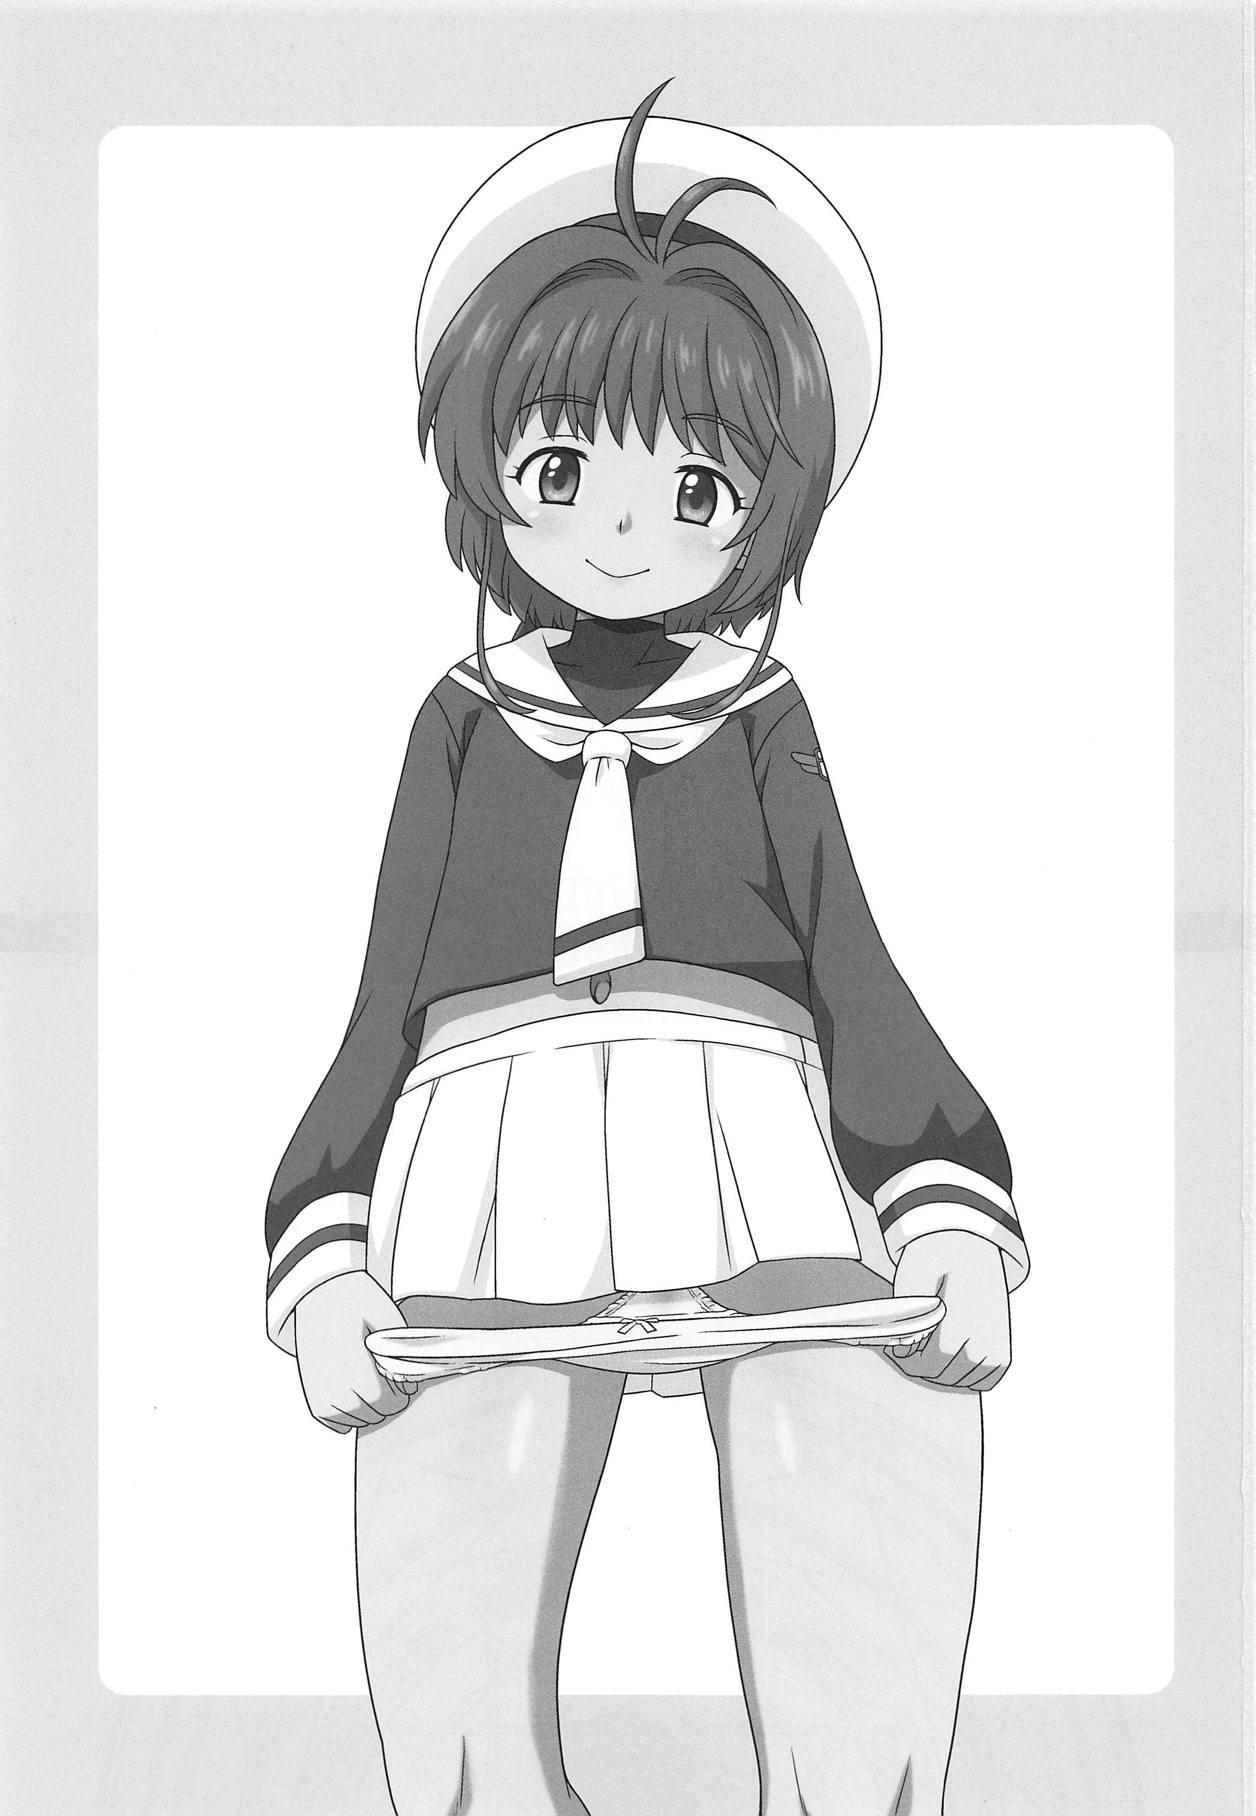 (C95) [Taikan Kyohougumi (Azusa Norihee)] Sakura-chan to Oshigoto Challenge - Ona-Hole Challenge with Sakura (Cardcaptor Sakura) 1